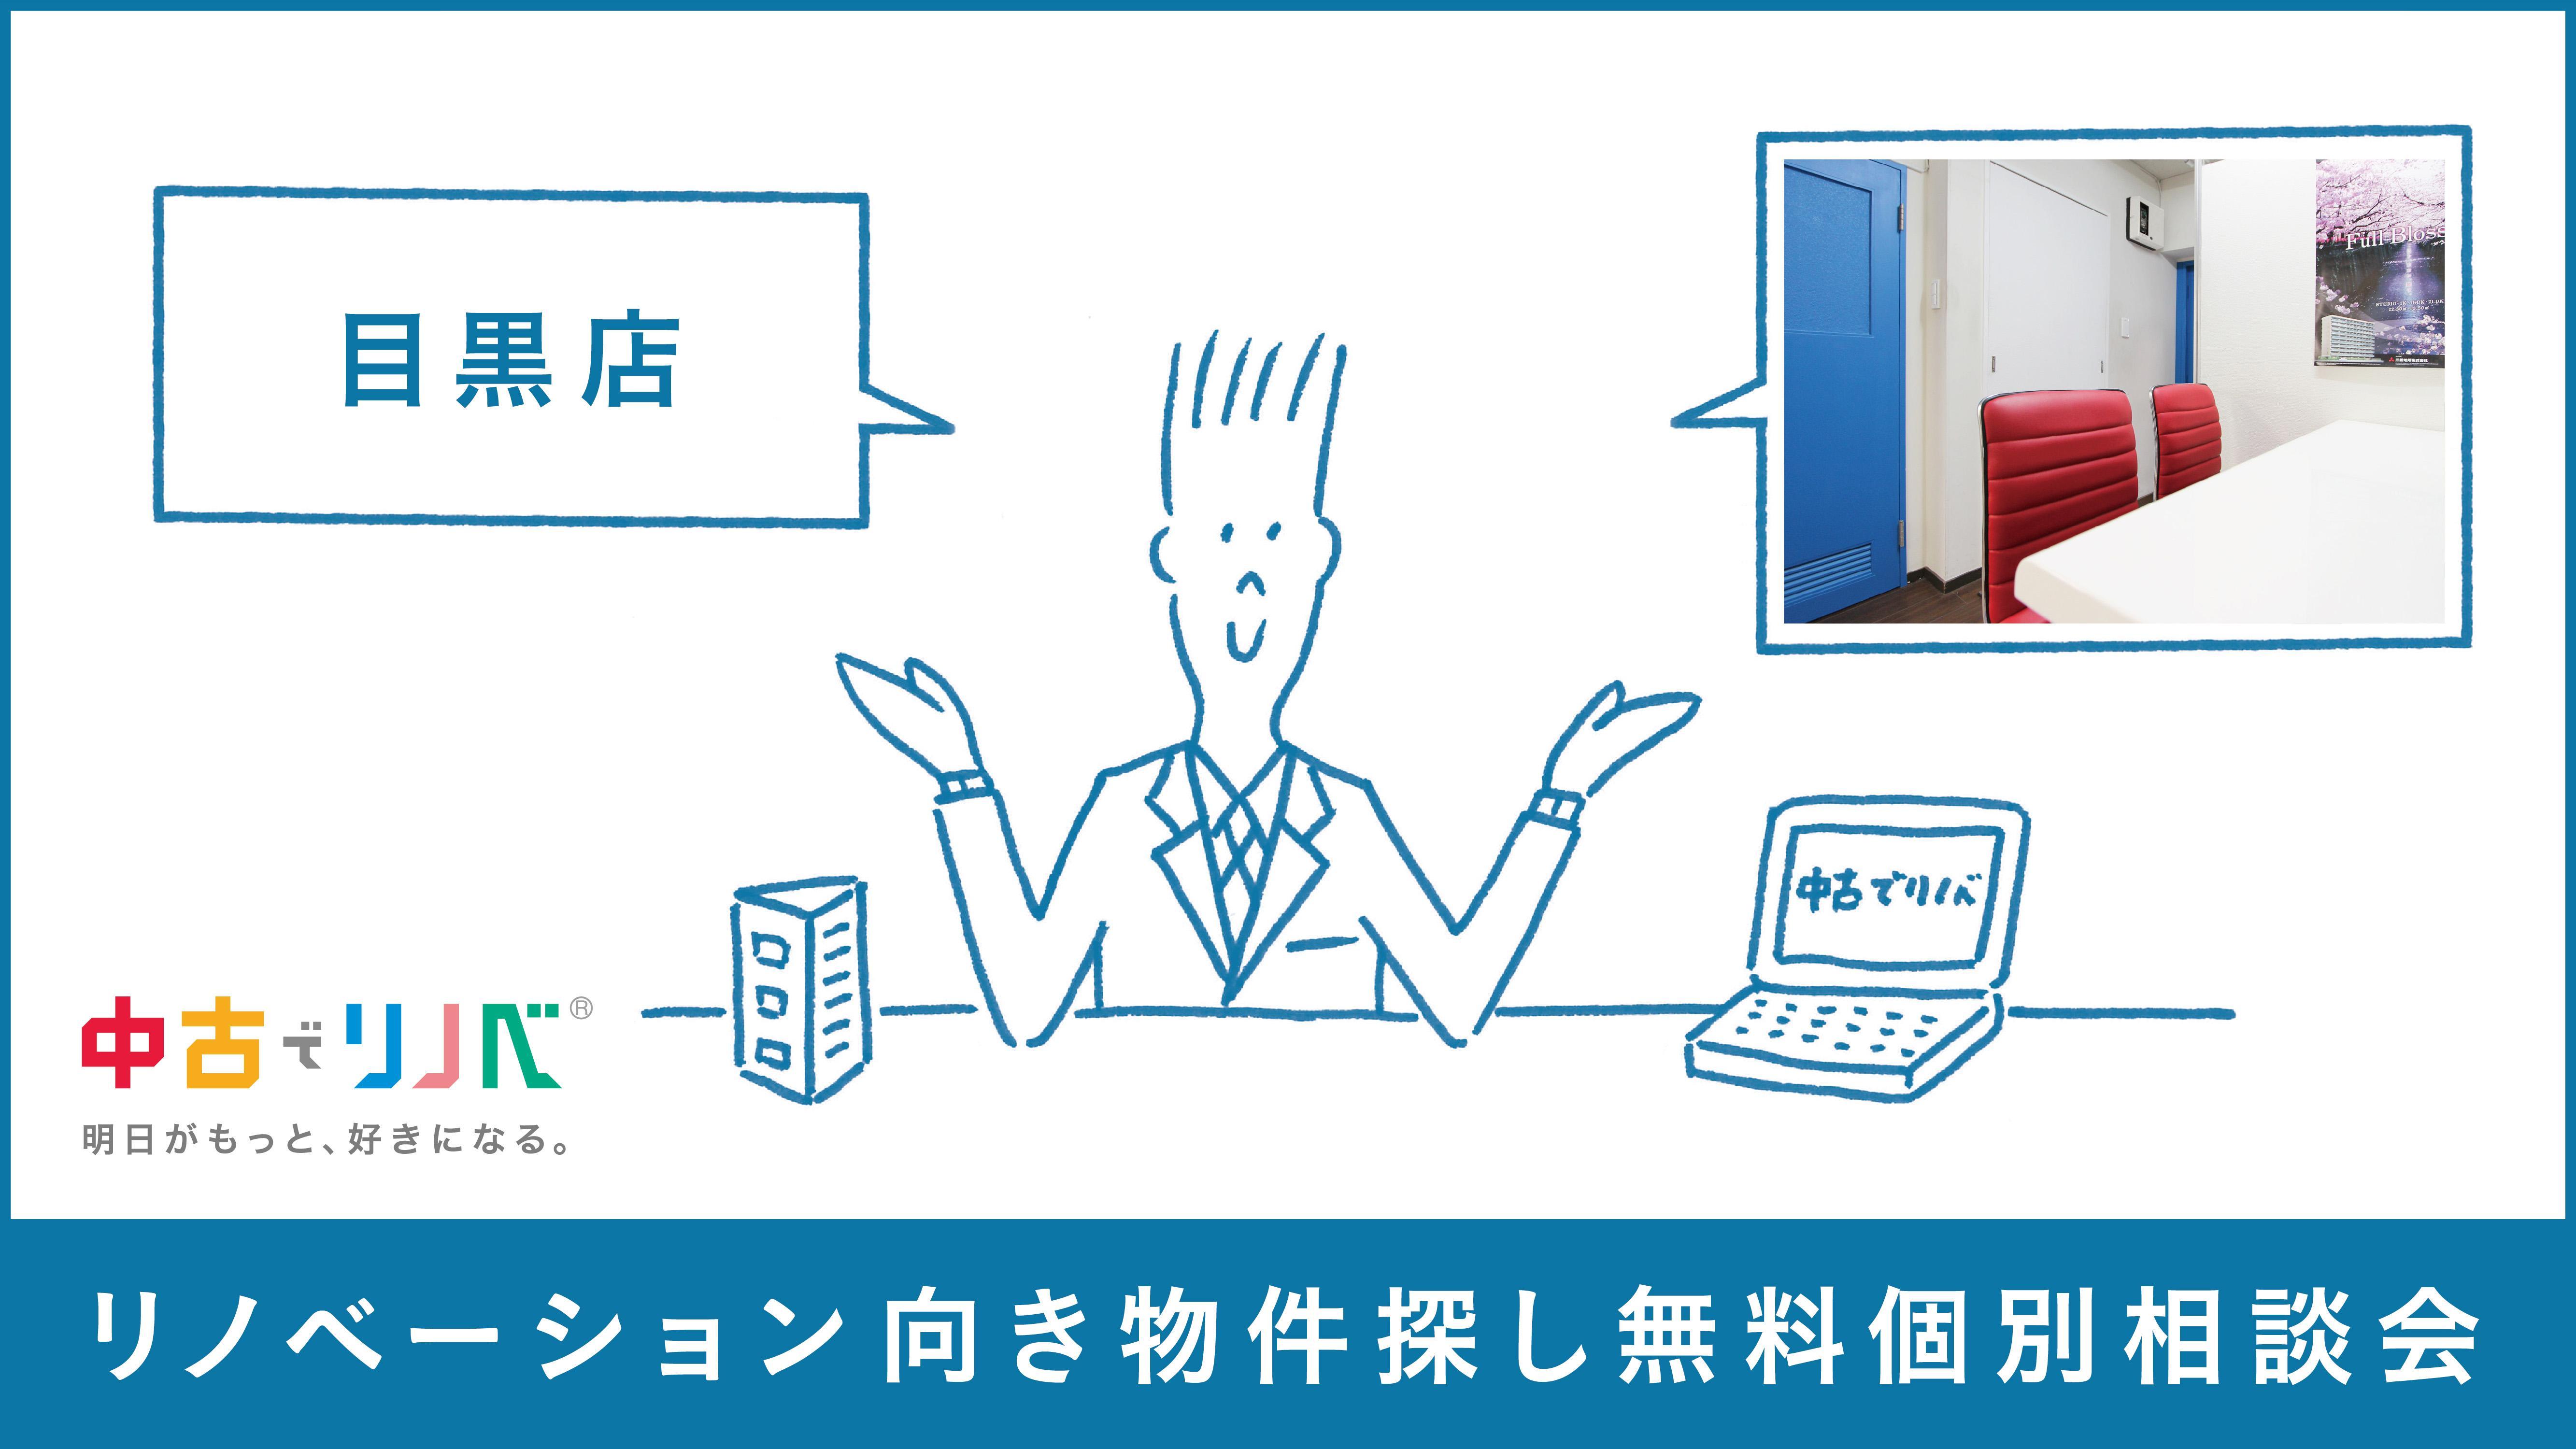 【10/7(土)8(日)   in目黒】リノベーション向き物件探し無料個別相談会